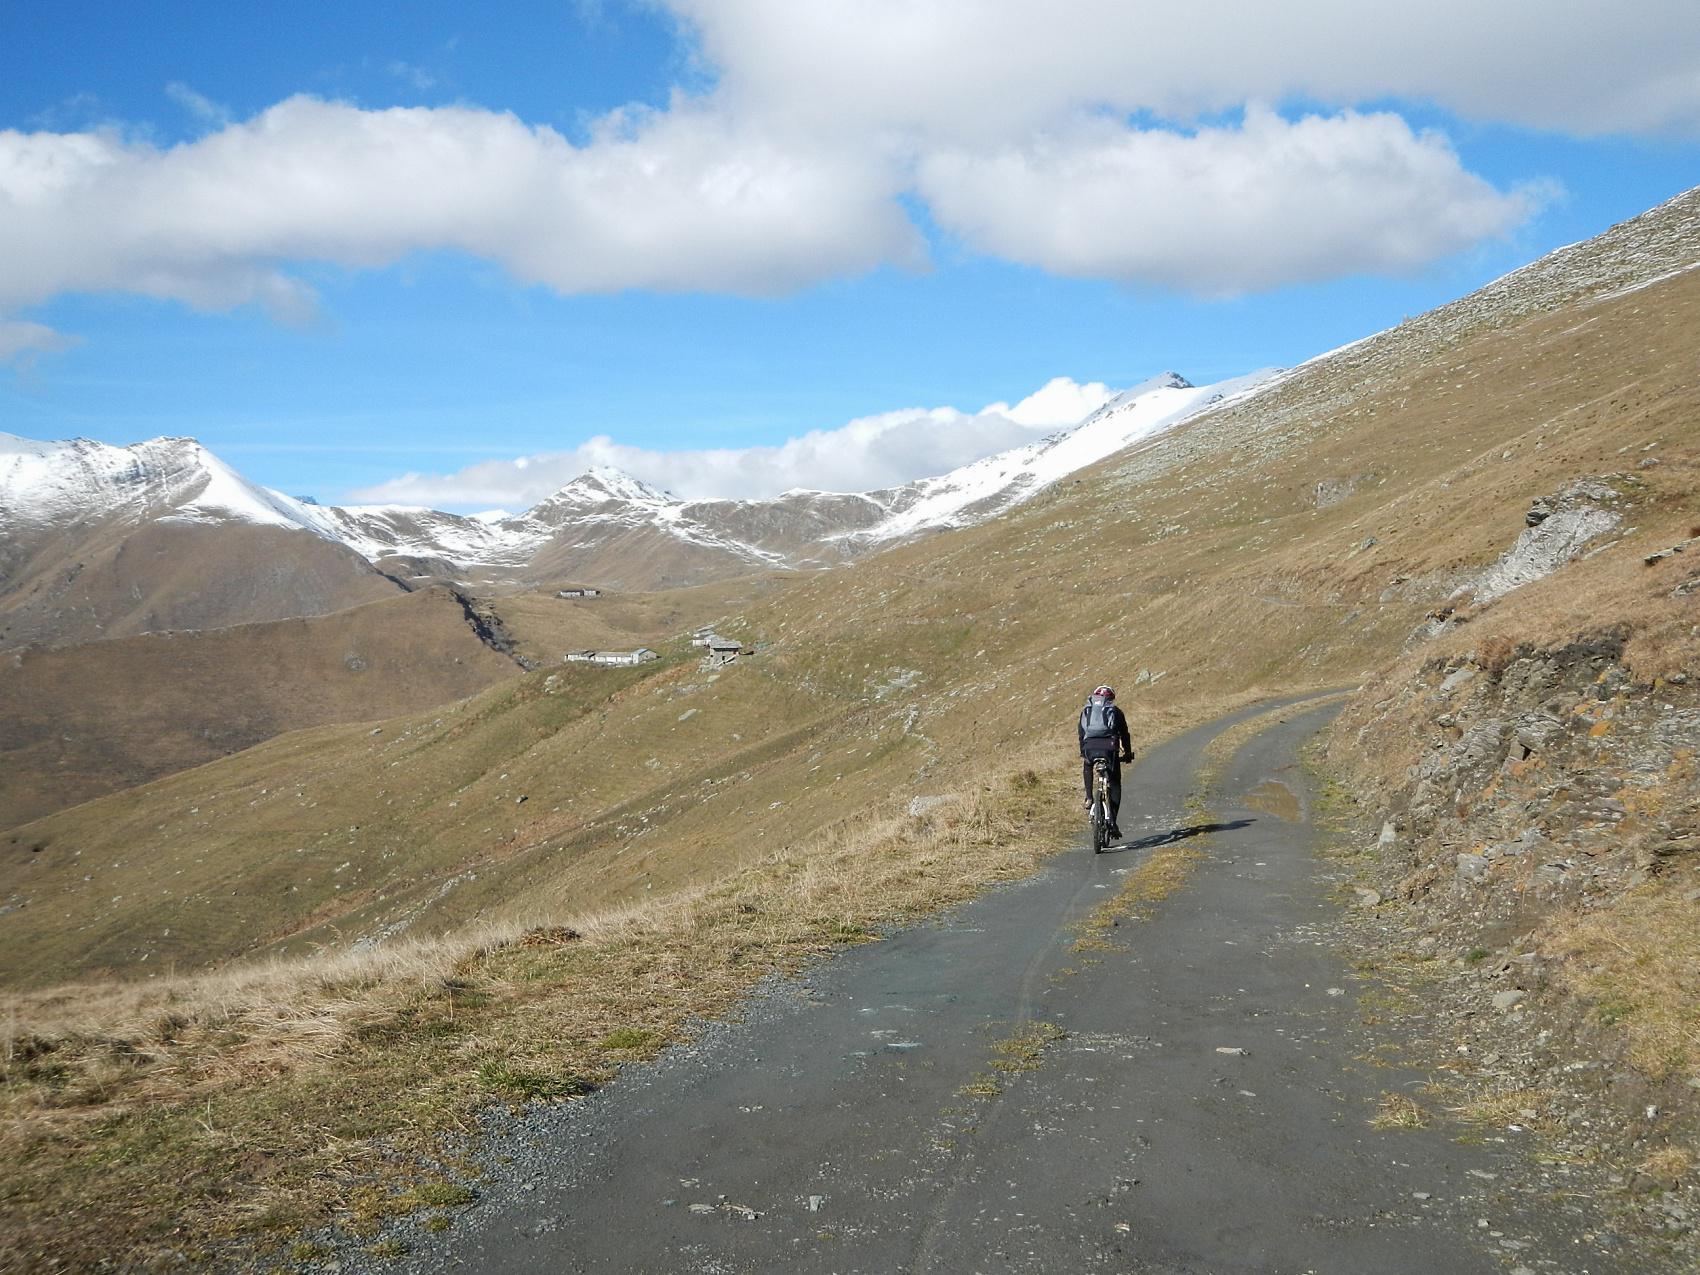 di nuovo su sterrato verso l'Alpe della Portia